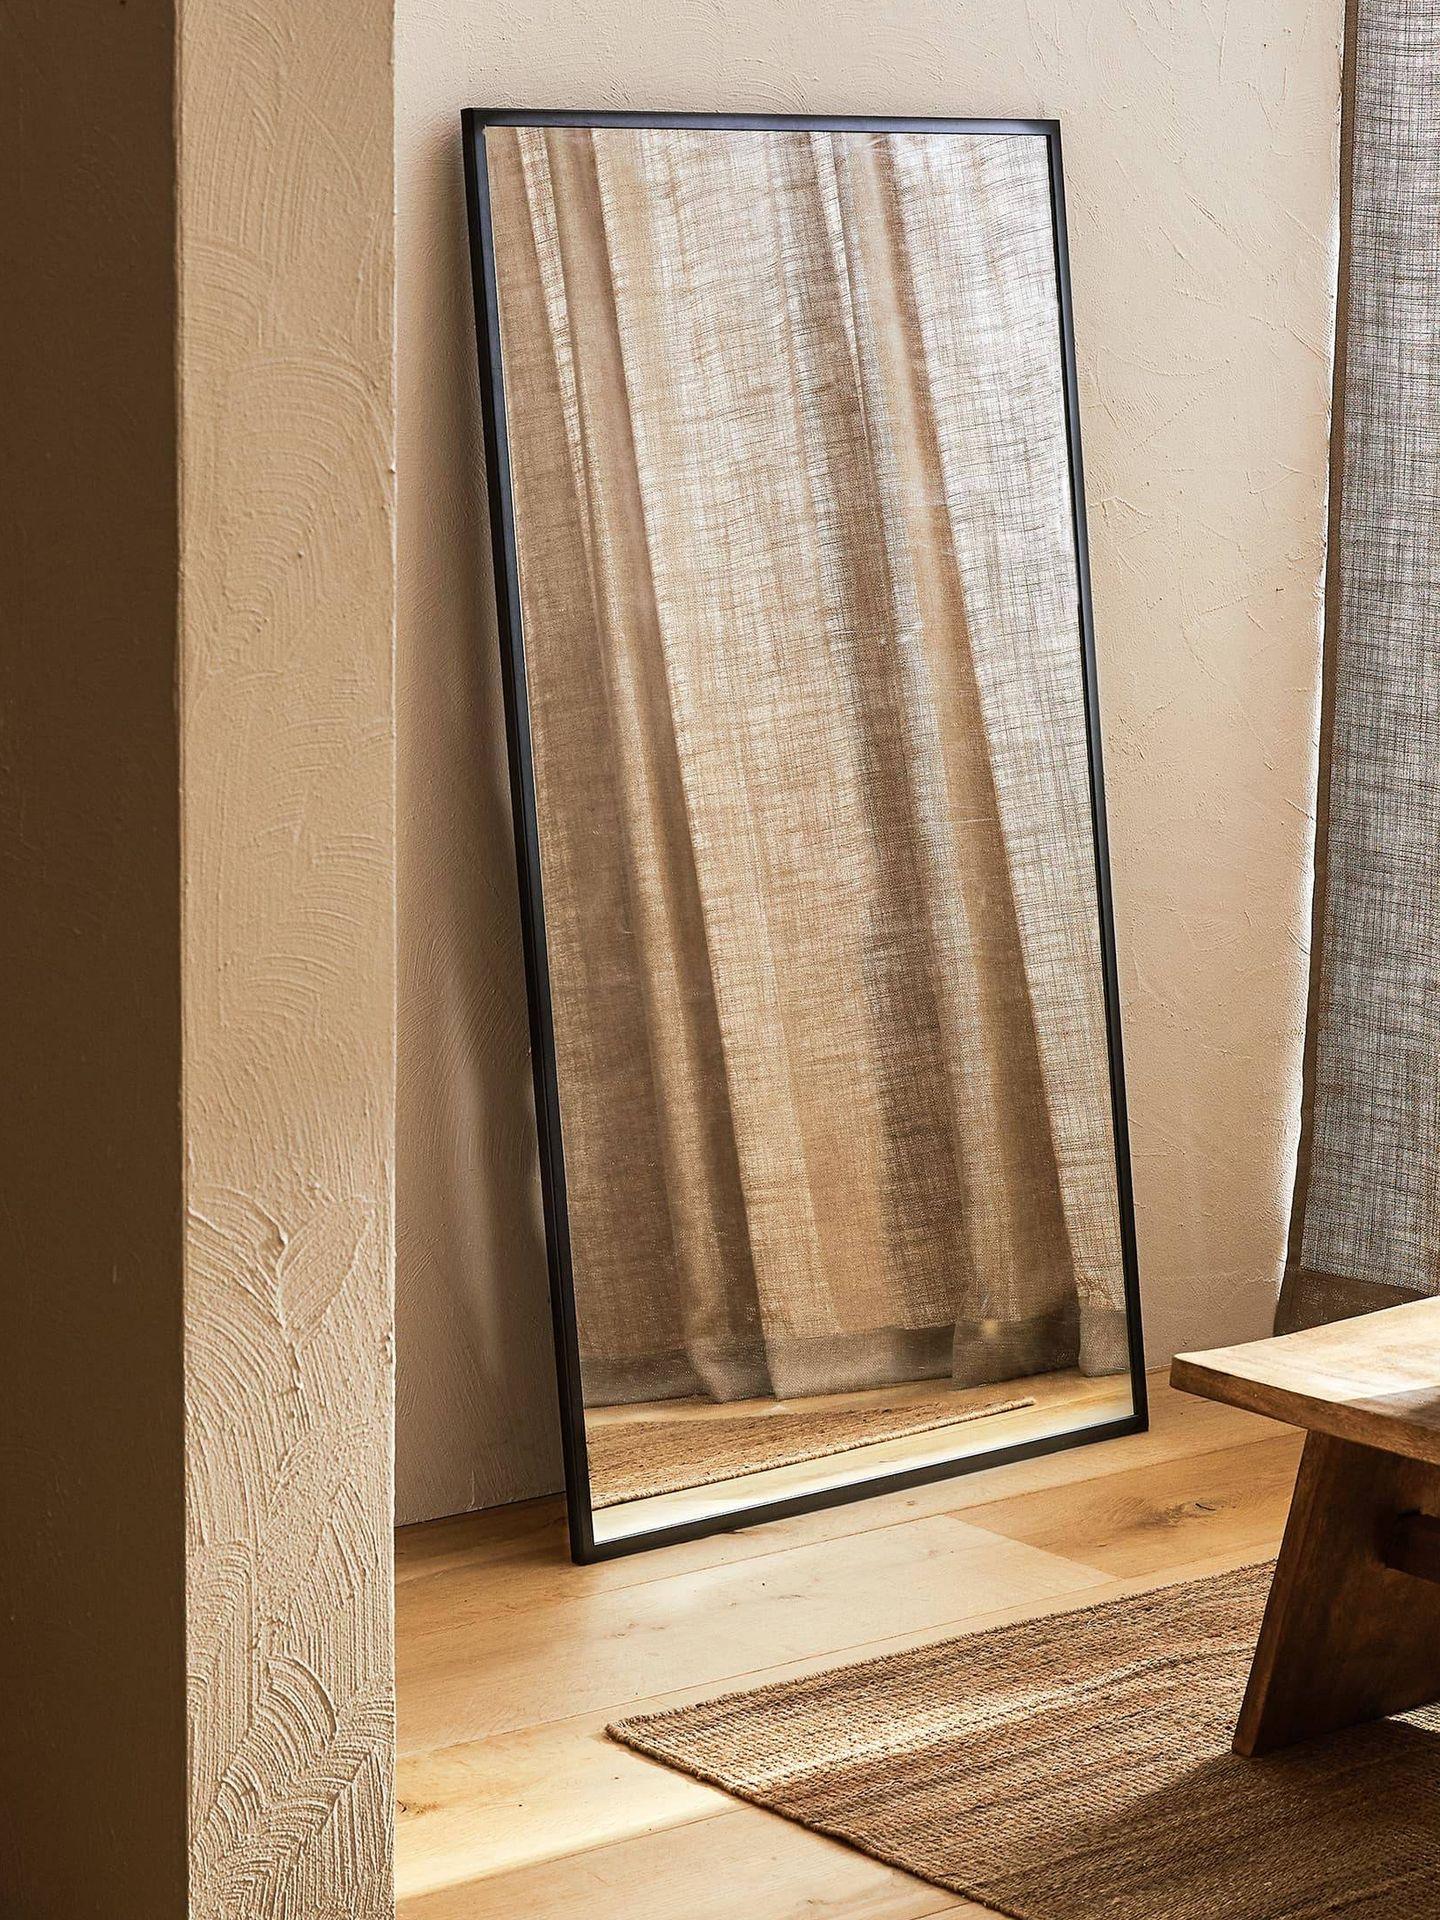 Zara Home te ayuda a decorar tu dormitorio. (Cortesía)